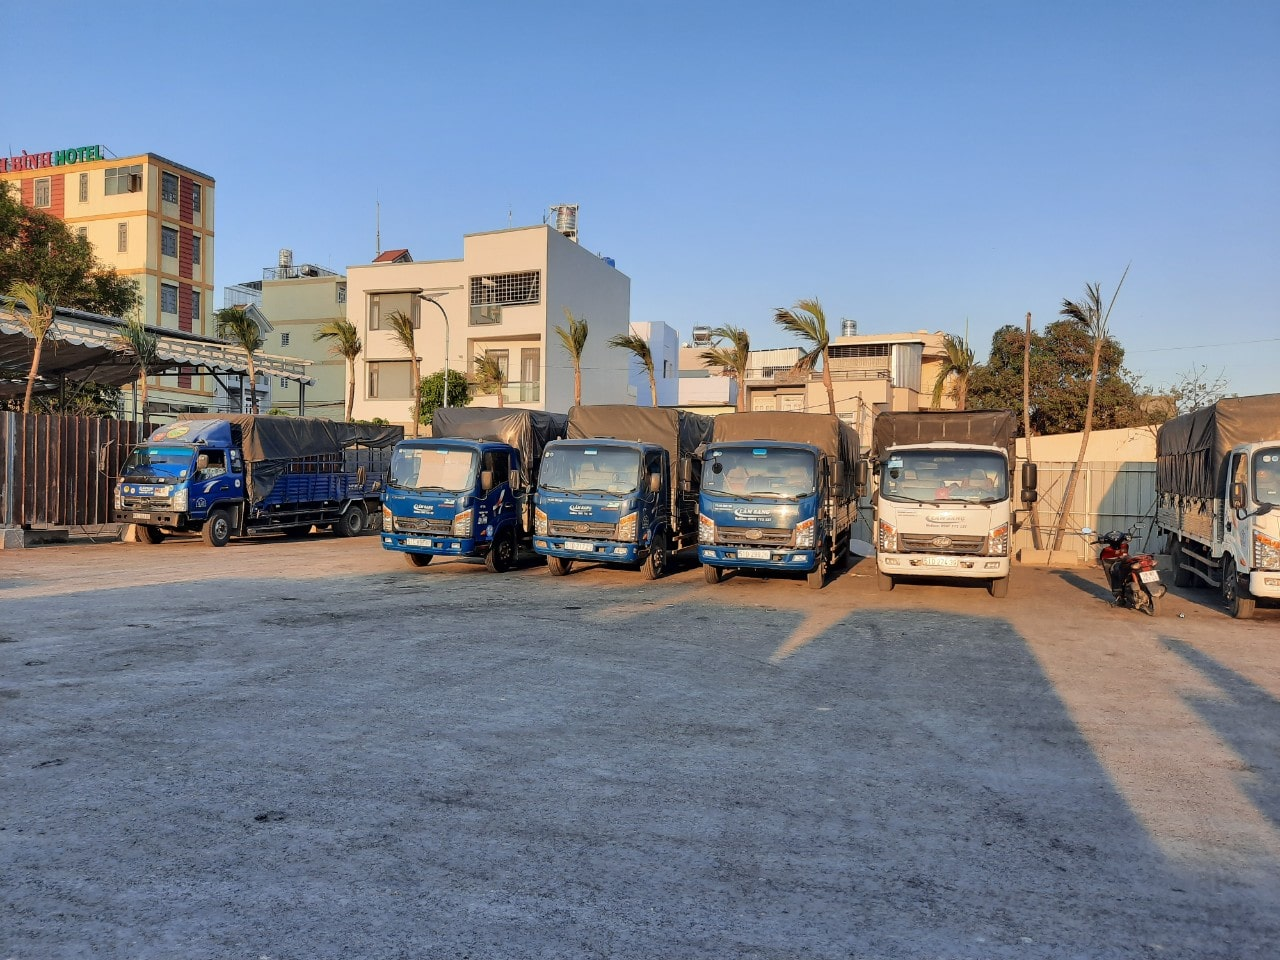 Dịch vụ cho thuê xe tải chở hàng - dịch vụ vận chuyển hàng hoá tại TPHCM giá rẻ